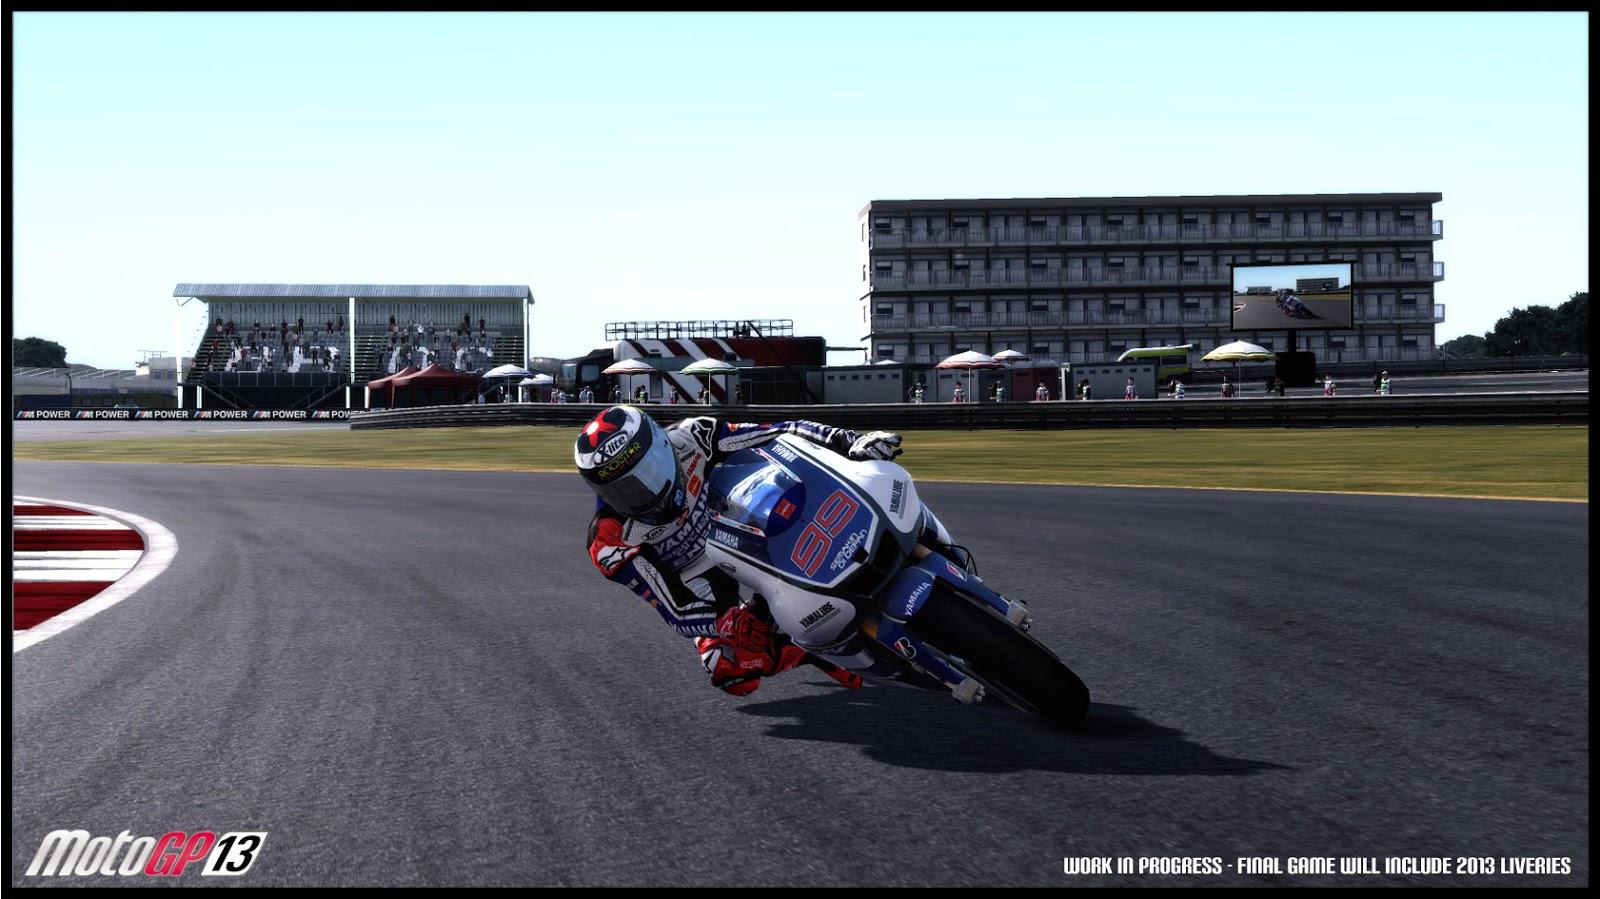 Motogp 13 Free Download Pc Game Full Version Free